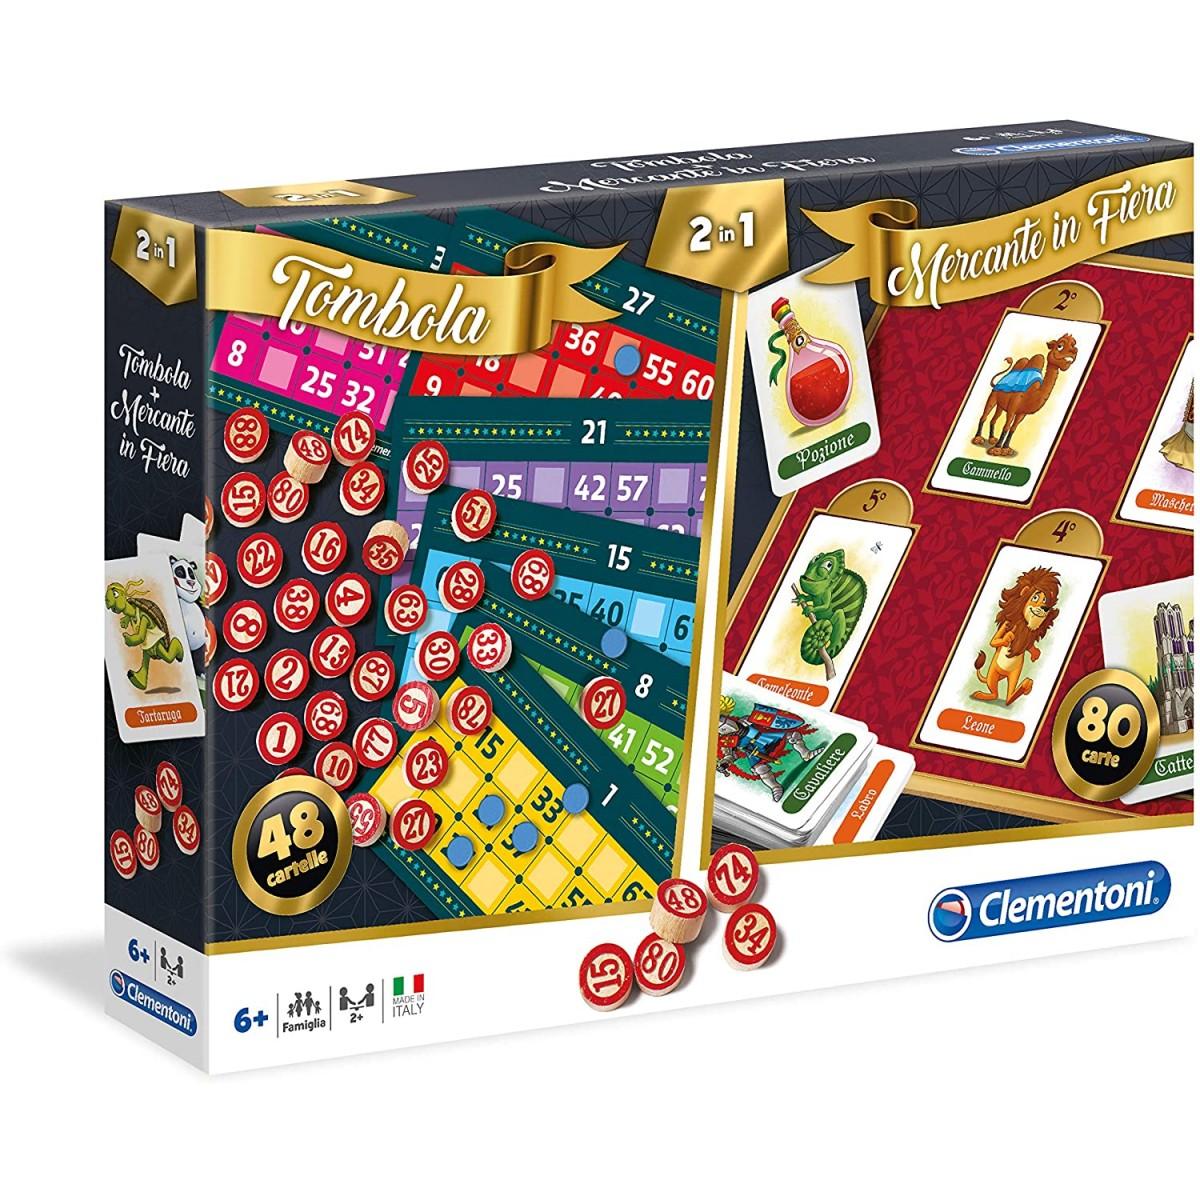 Set 2 in 1, Il Mercante in Fiera & La Tombola - Clementoni, giochi Natalizi